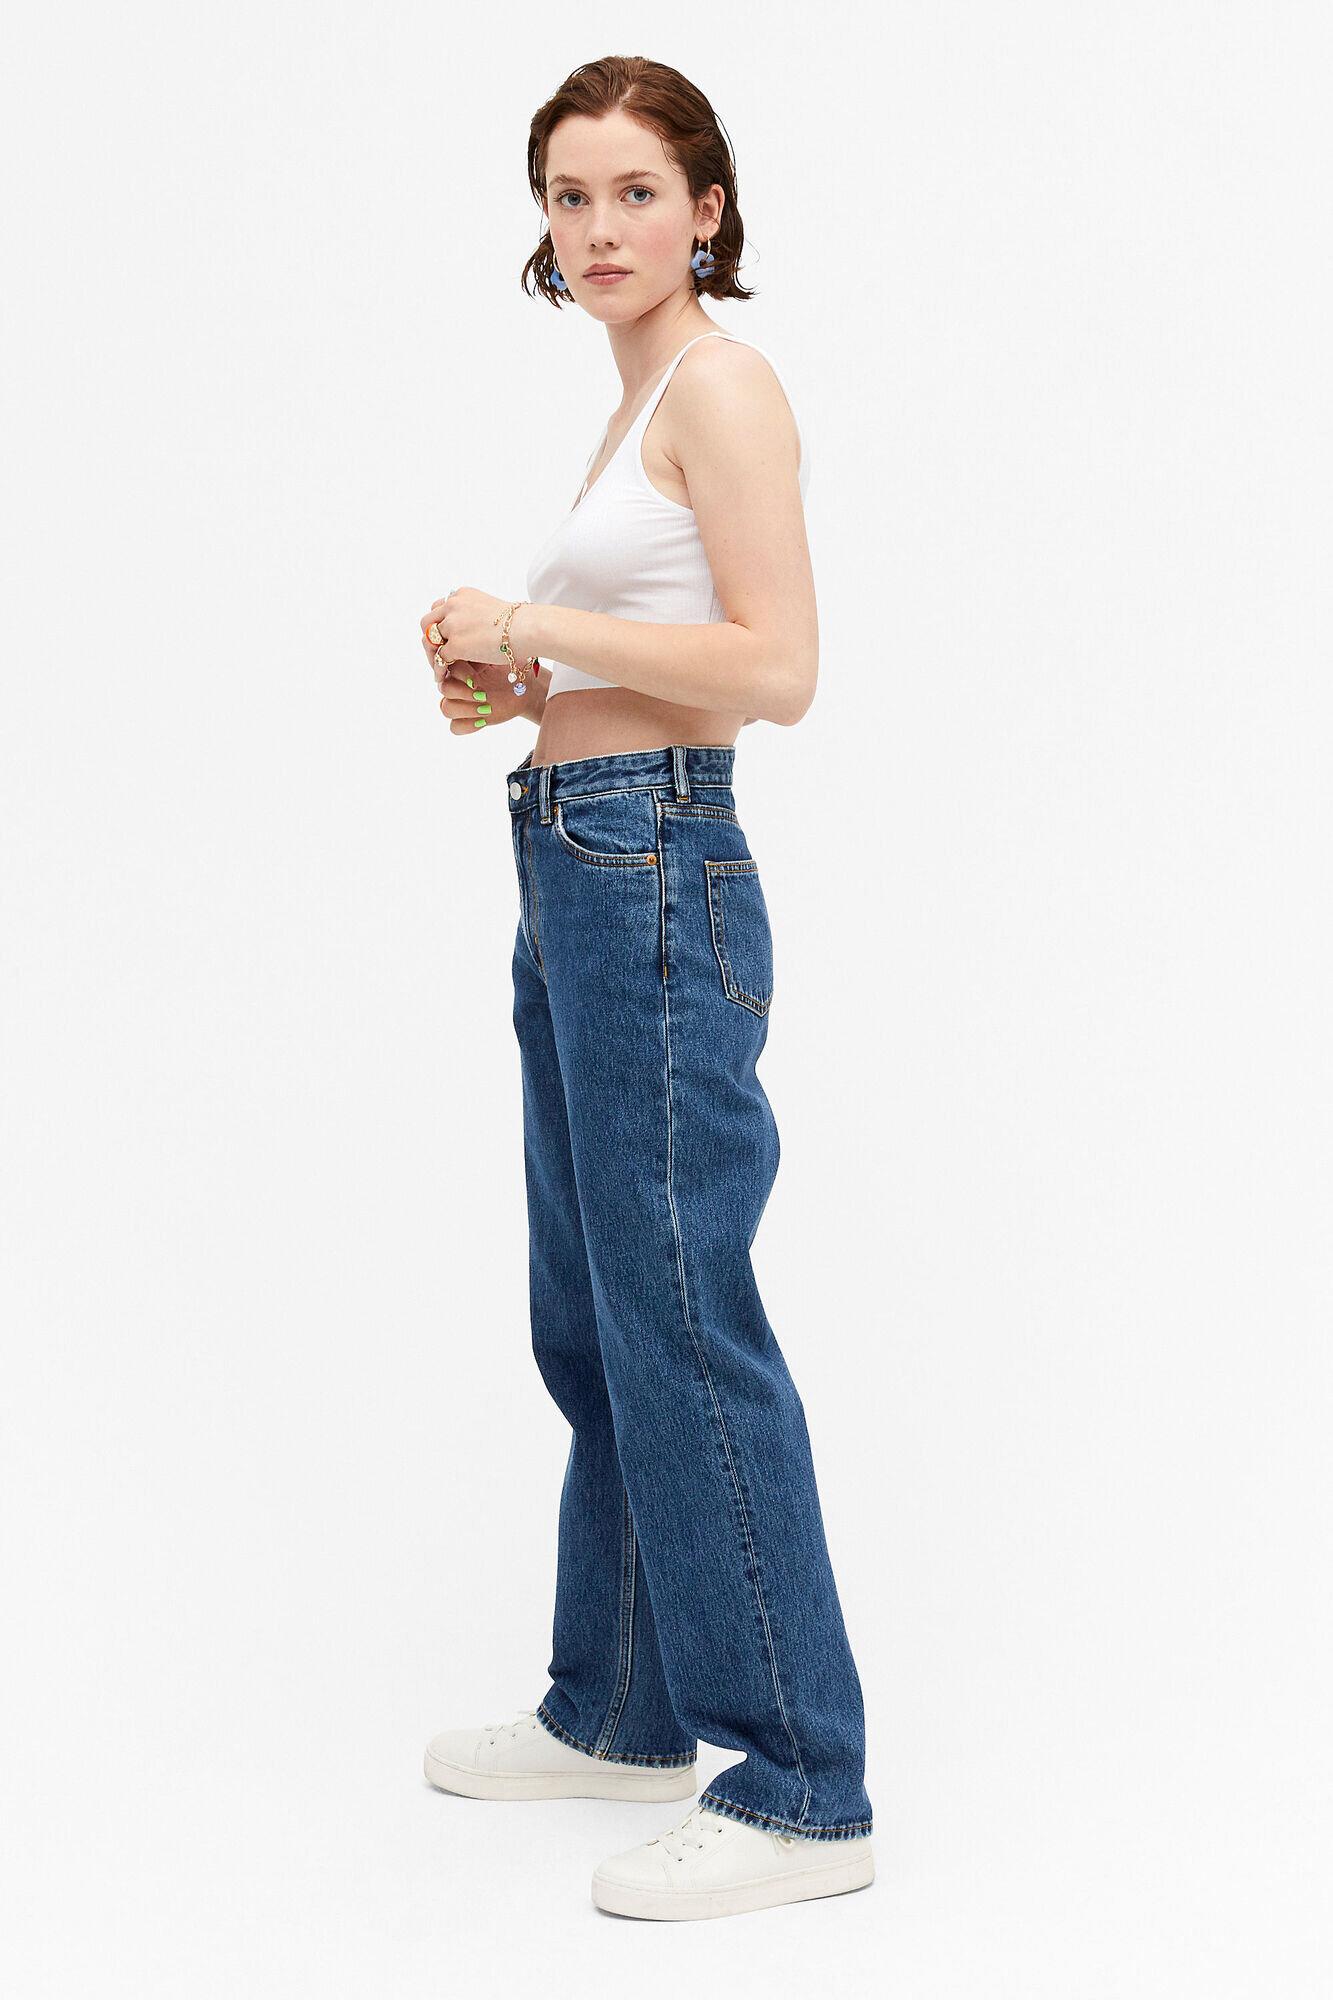 Avslappede jeans i mørkeblå vask